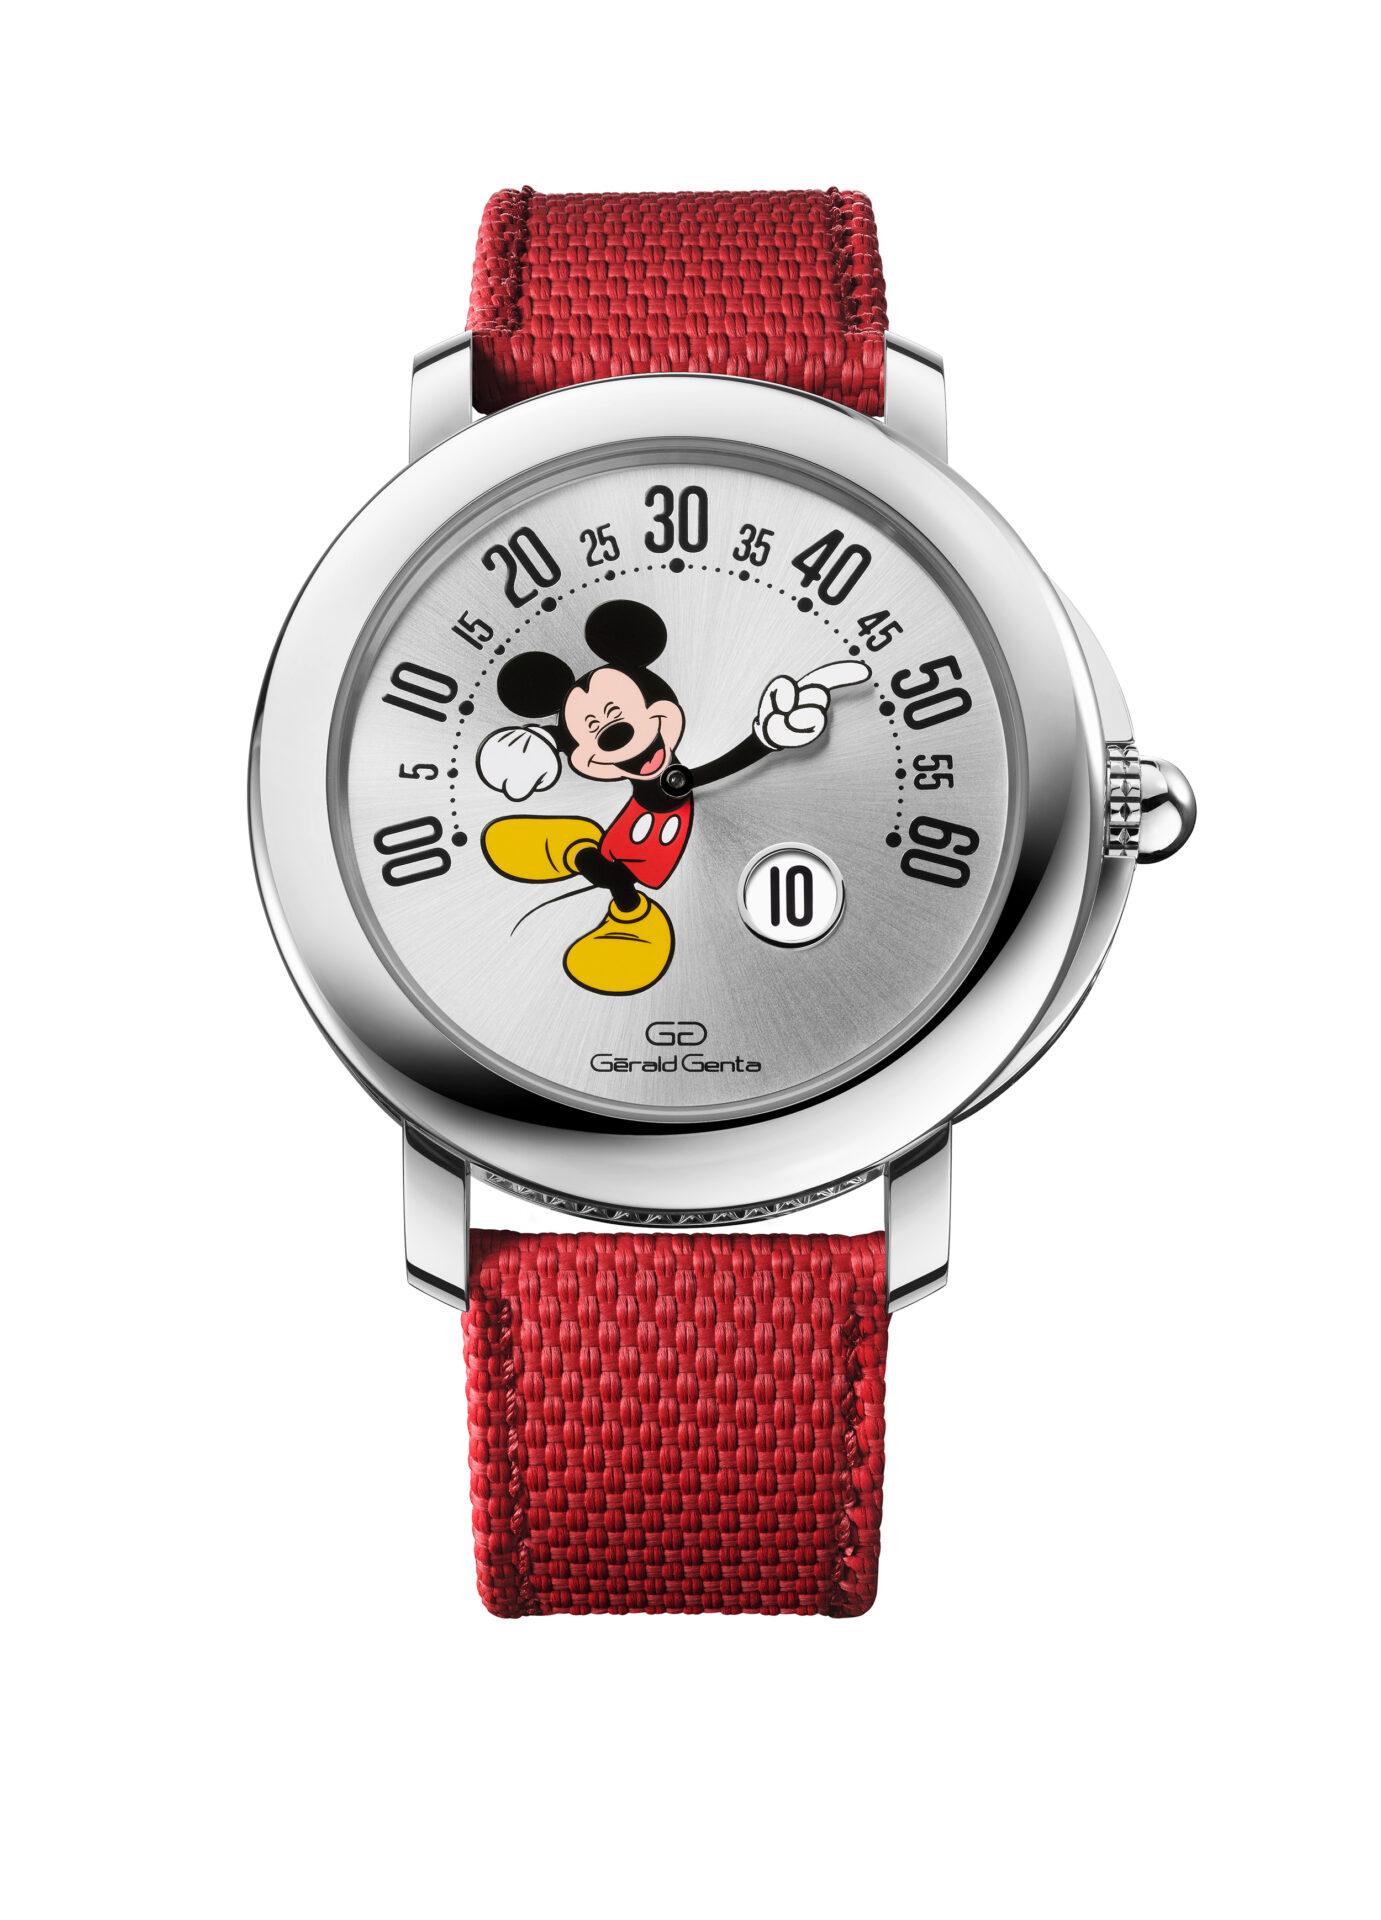 Frontal del nuevo Gerald Genta Mickey Mouse